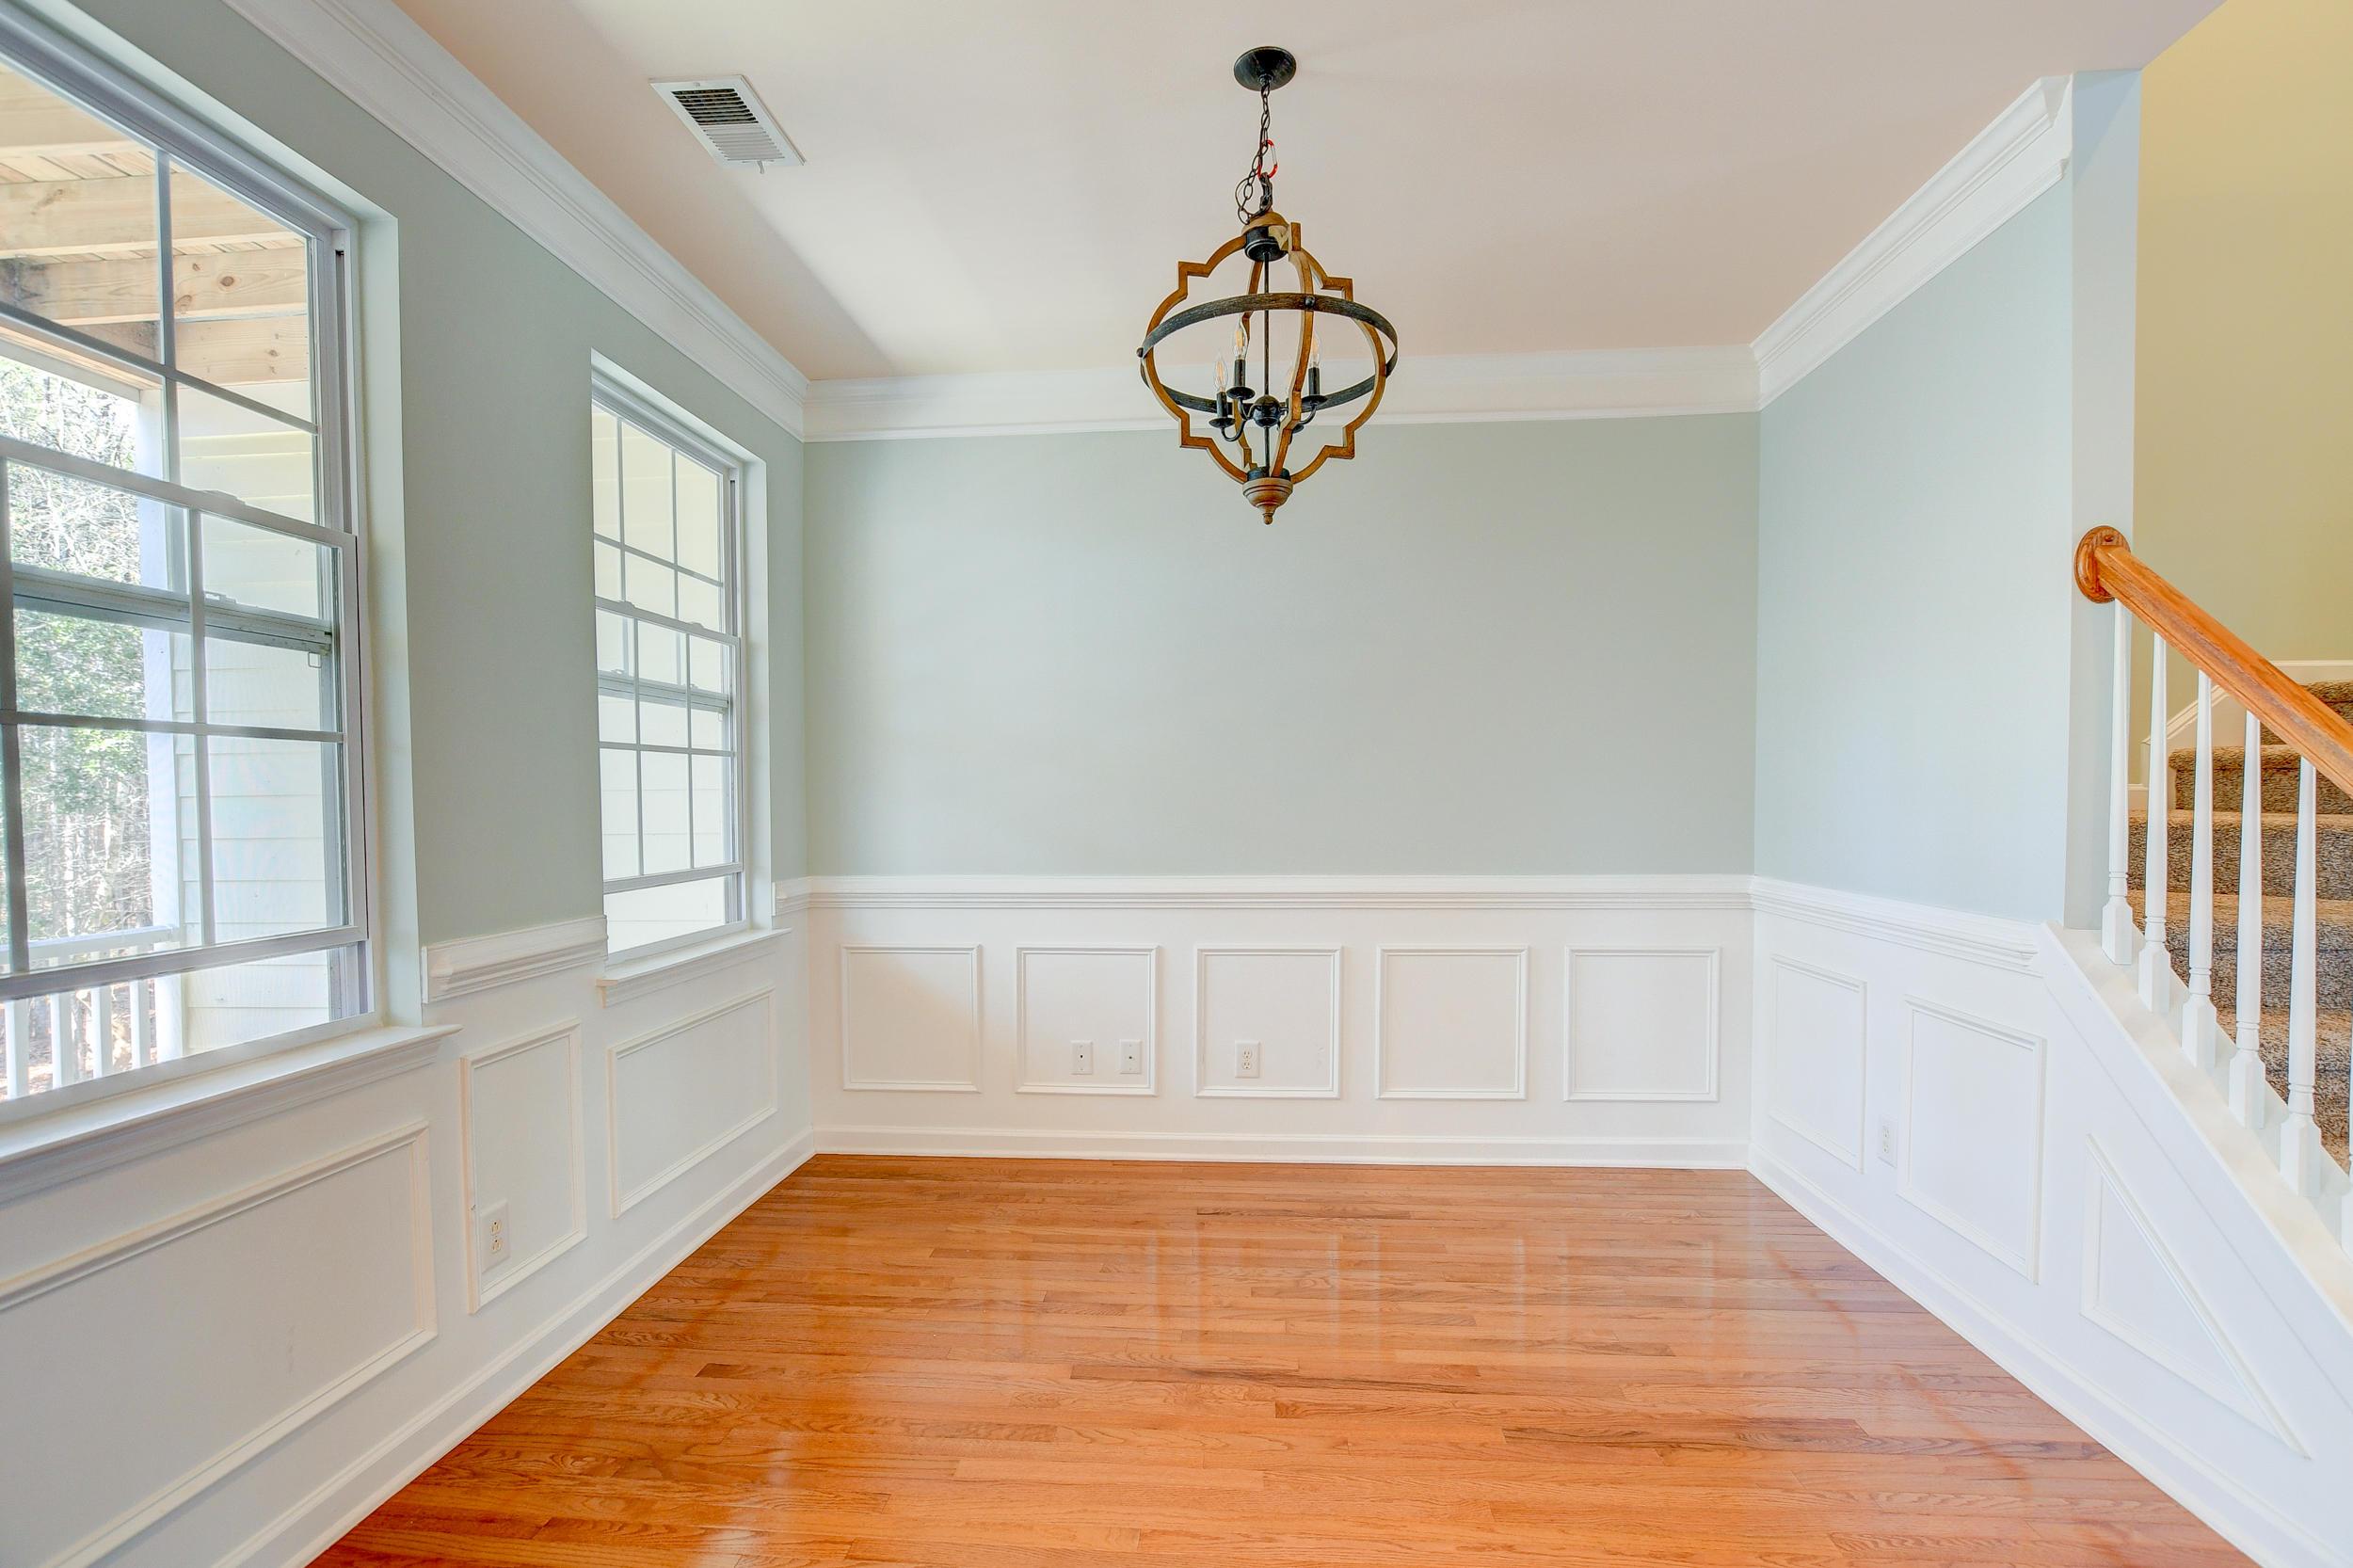 Park West Homes For Sale - 3545 Claremont, Mount Pleasant, SC - 3